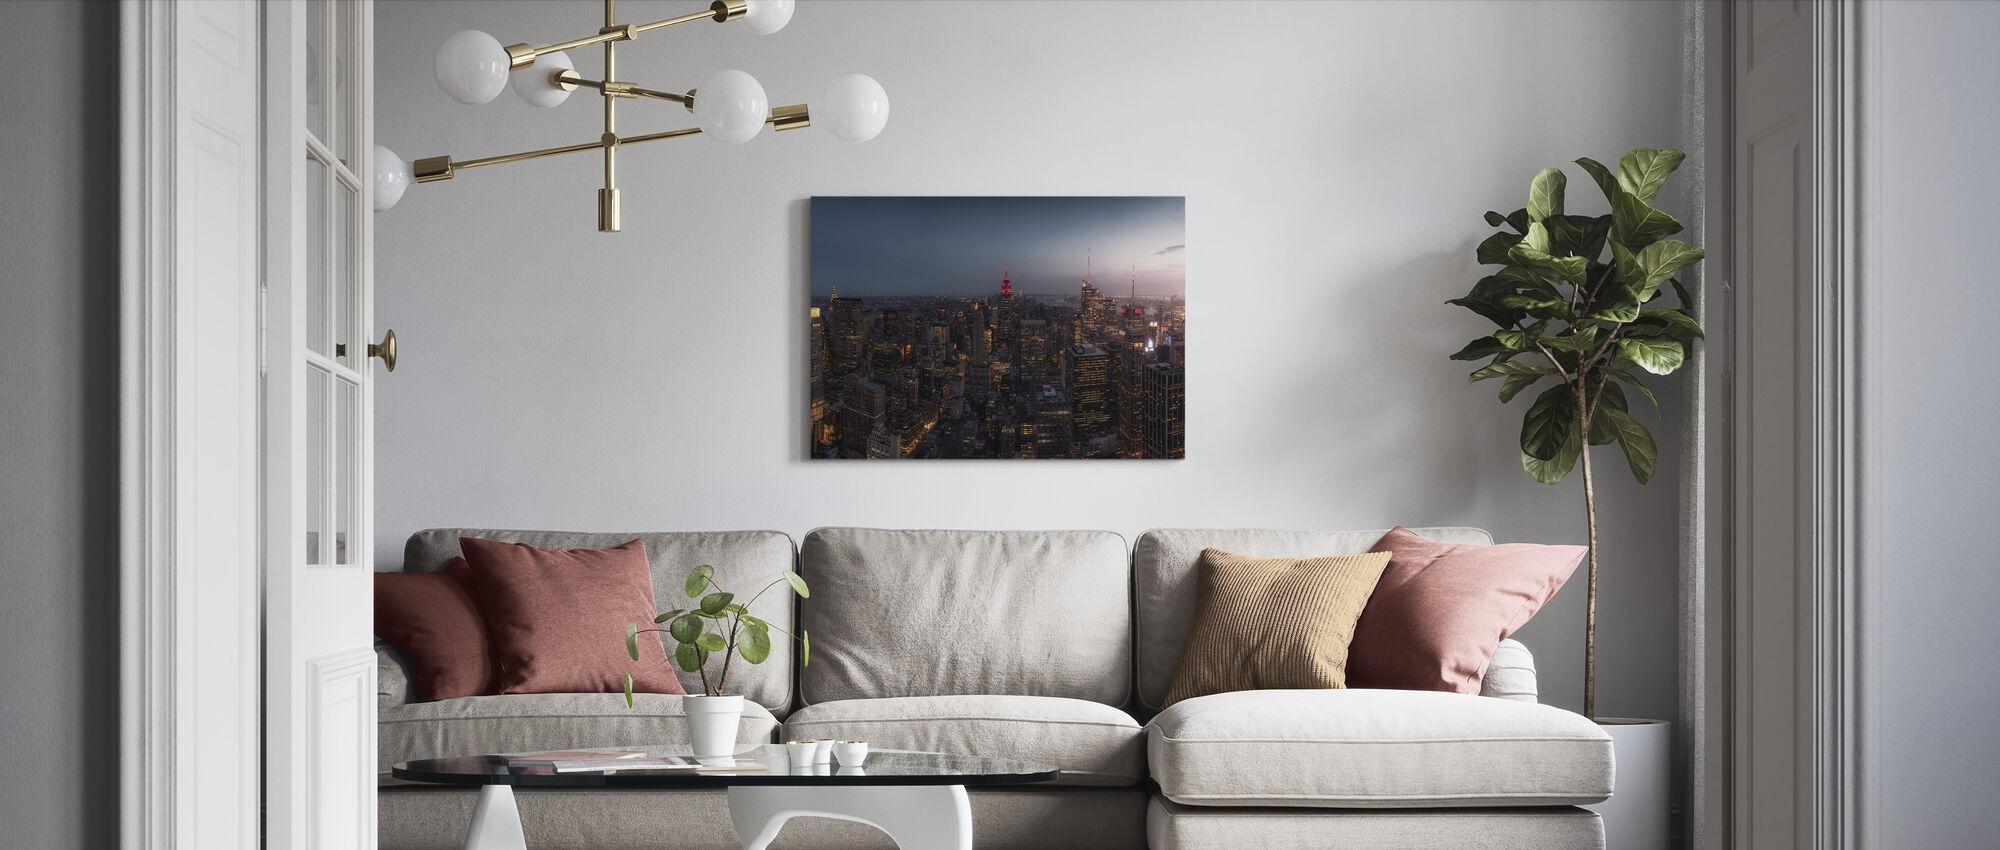 New Yorks ljus - Canvastavla - Vardagsrum